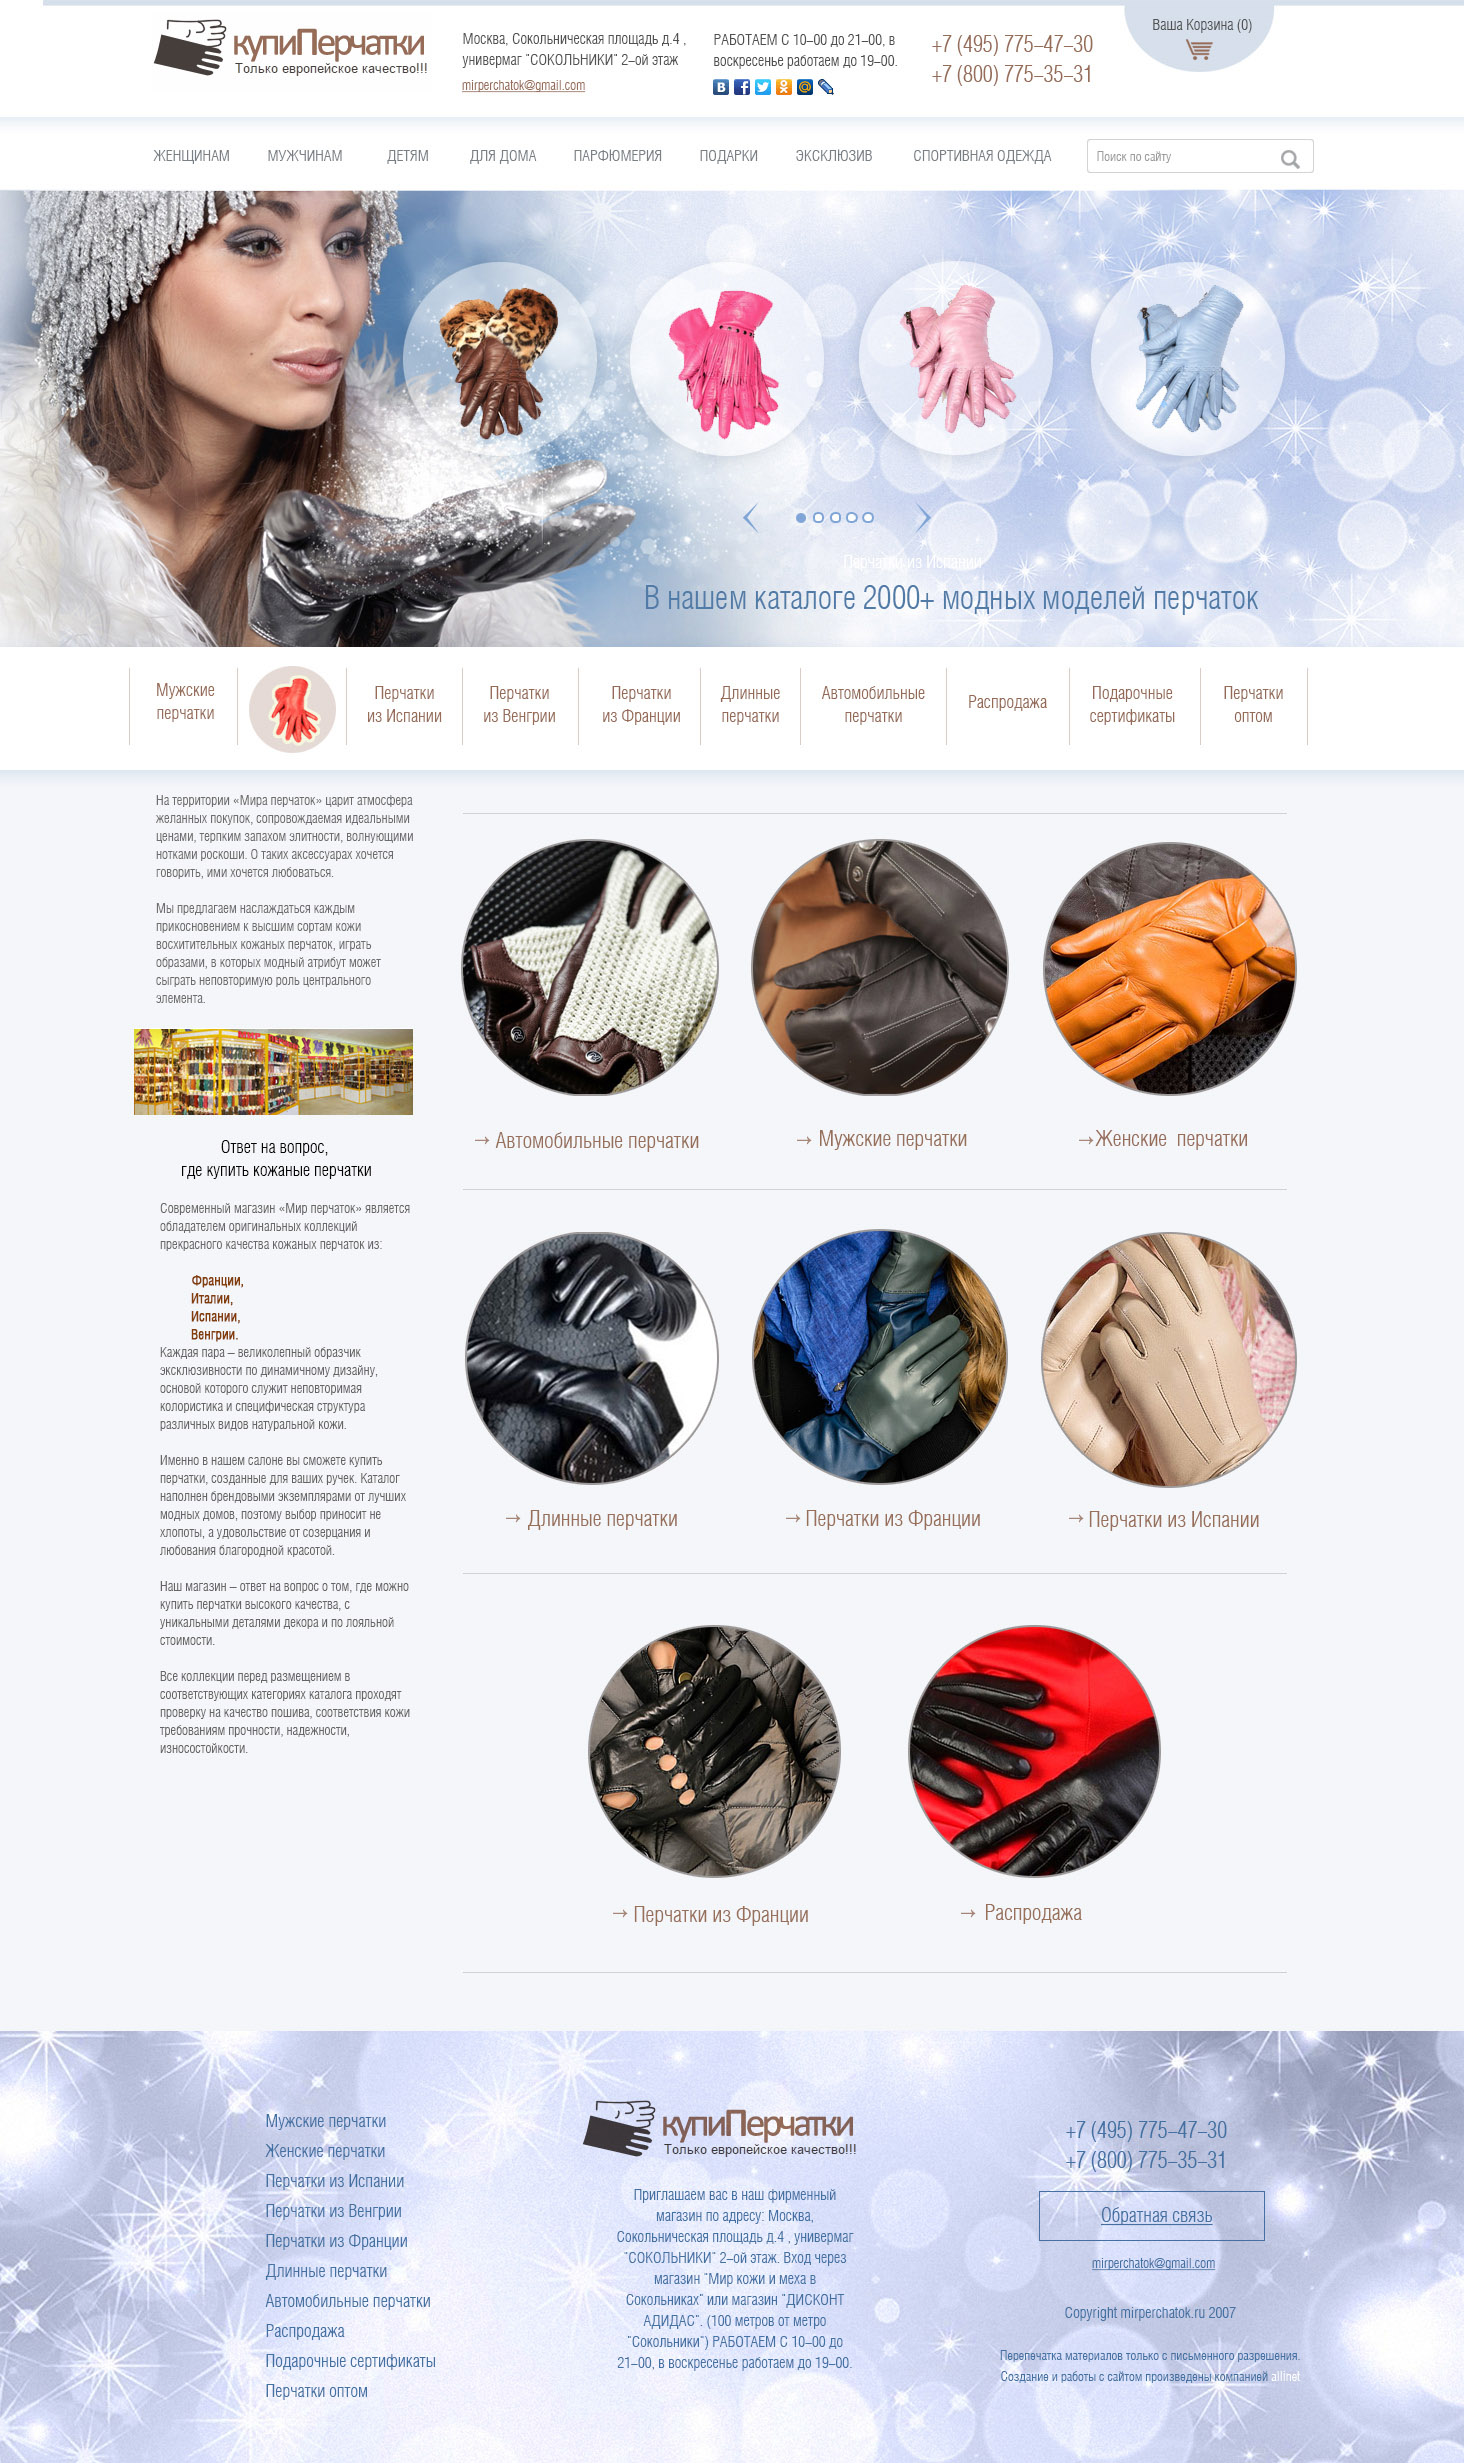 Дизайн сайта Перчатки